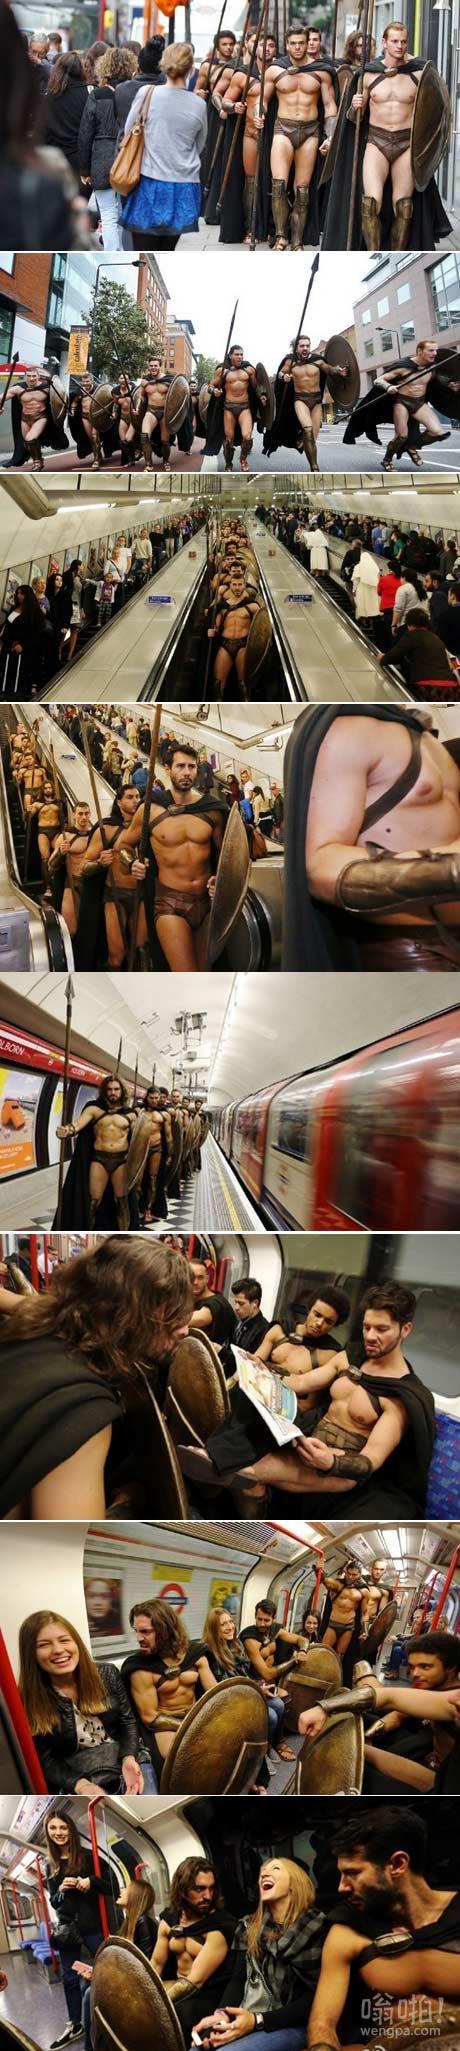 """巴达勇士出现在伦敦街头,并在地铁上""""挑逗""""乘客"""